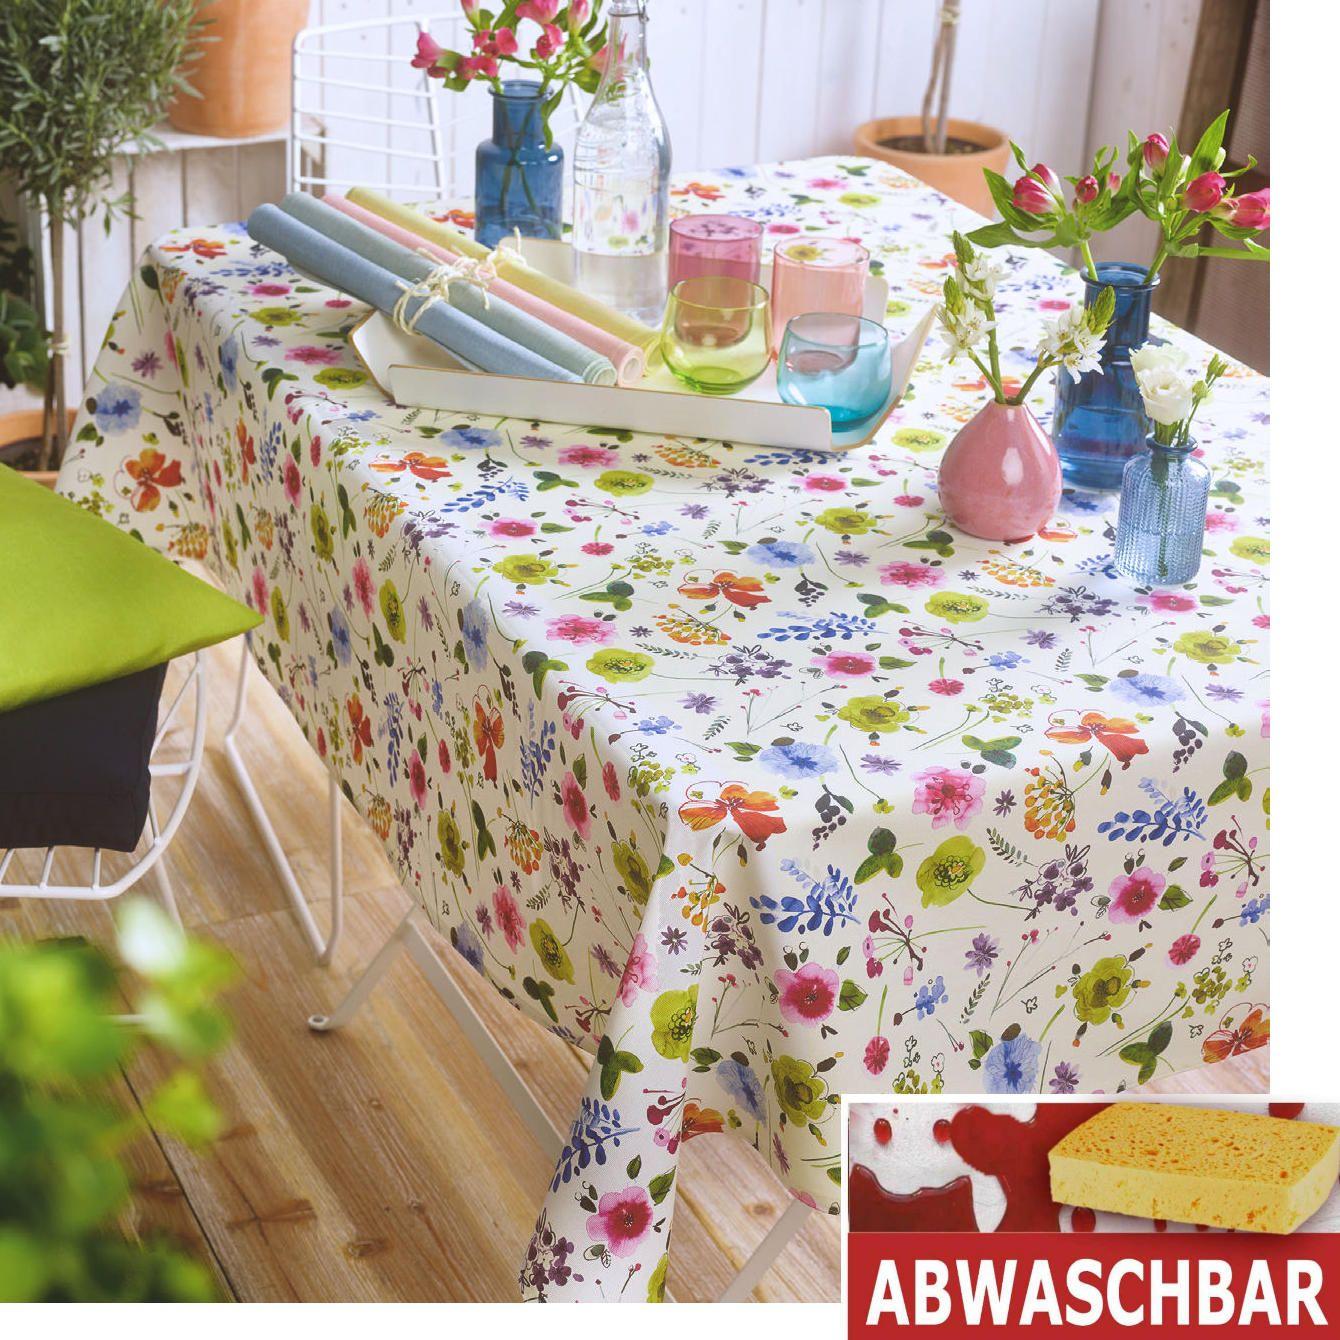 Fur Kuche Und Garten Abwischbare Tischwasche Mit Blumenmuster Bunt Wie Das Pralle Leben Ist Die Gartenserie Mallorca In Uppig Tischdecke Tischset Mitteldecke